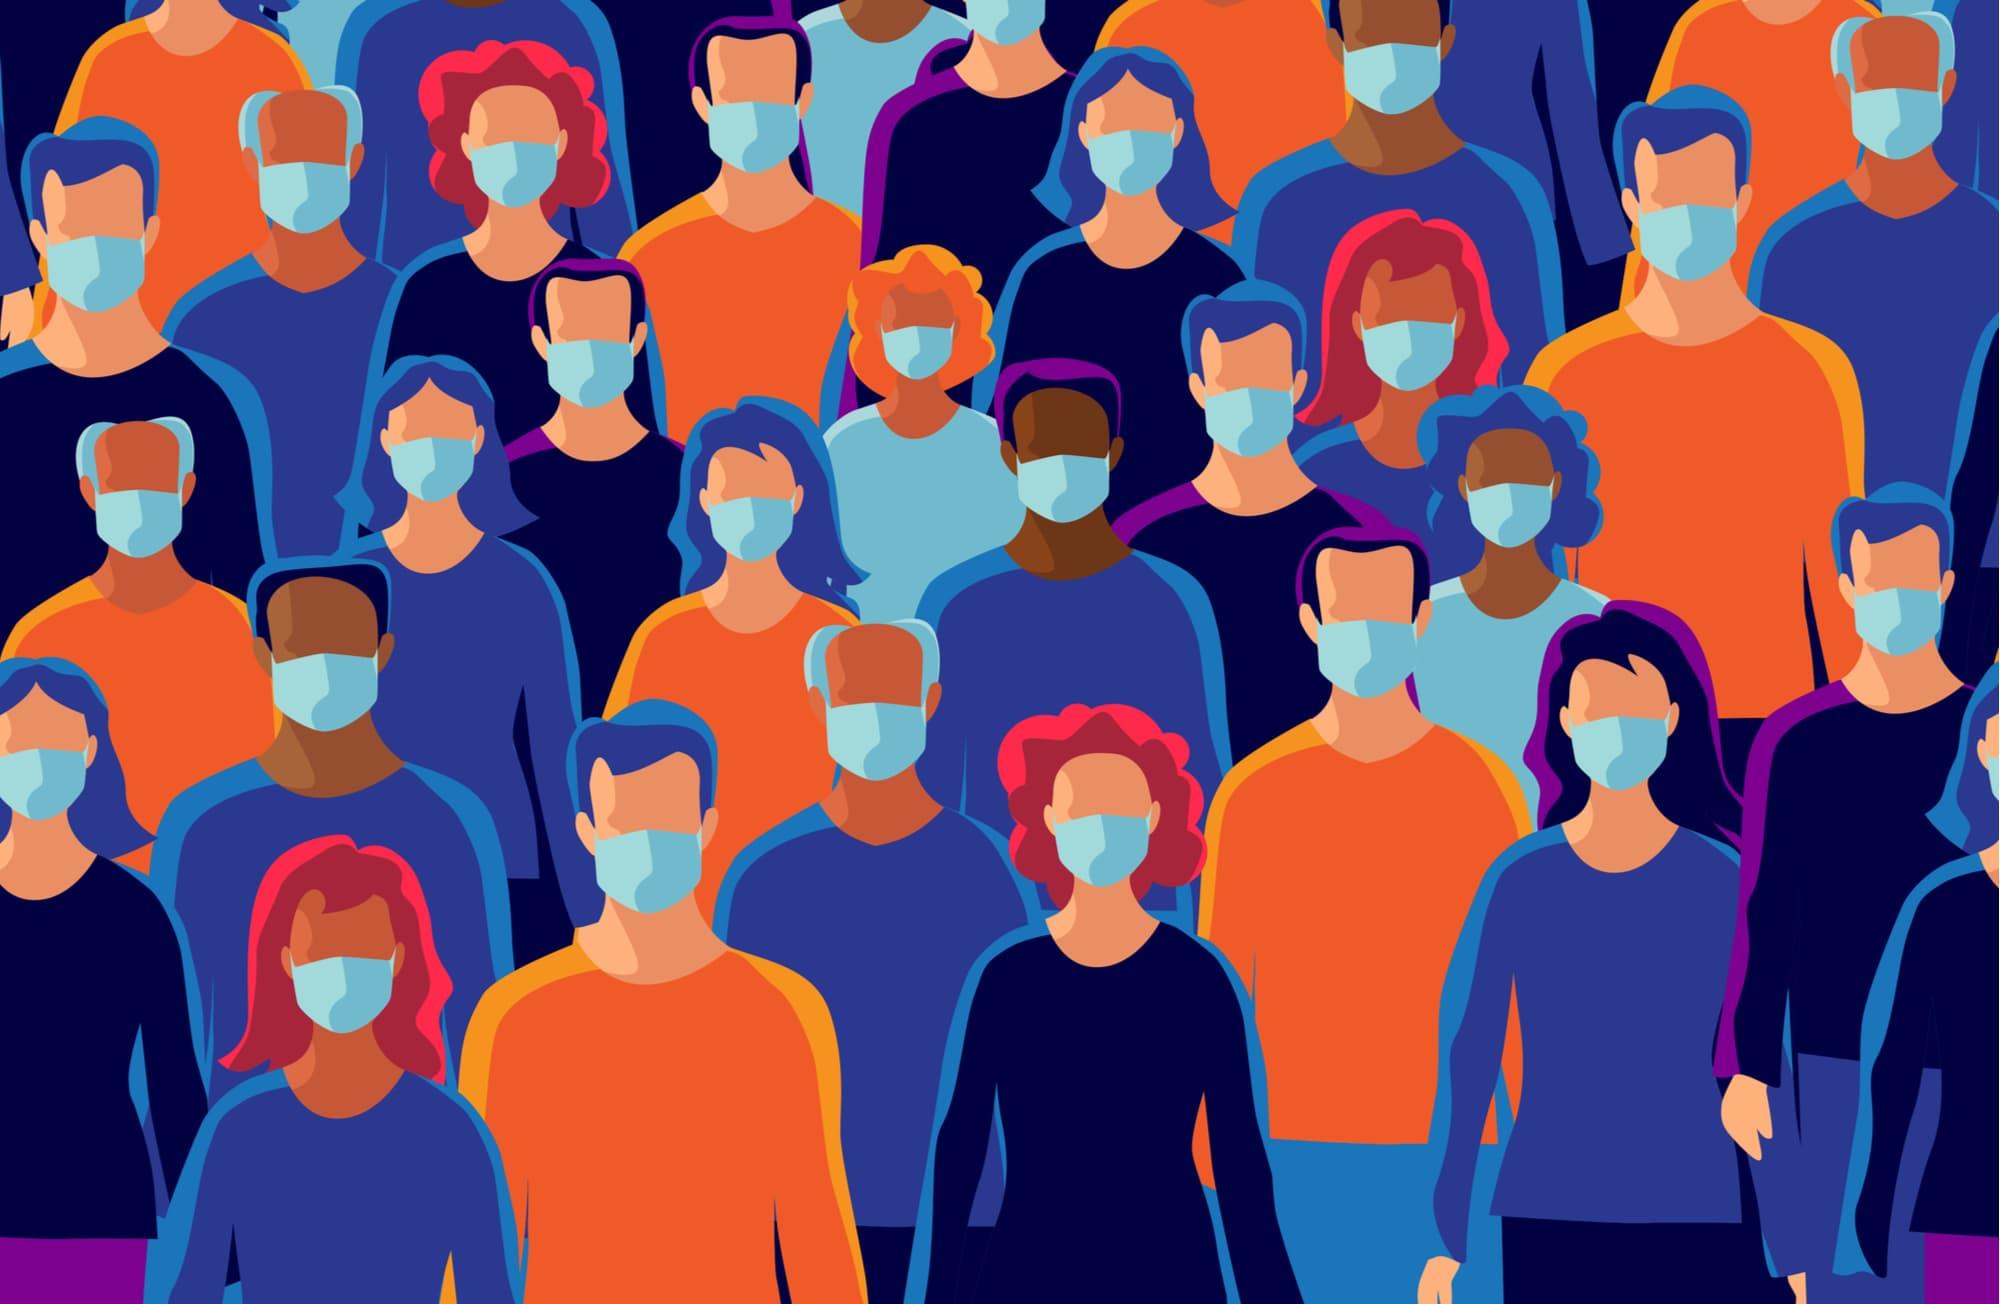 Những insights nổi bật trong quãng thời gian cách ly xã hội khu vực APAC marketingreview.vn 2